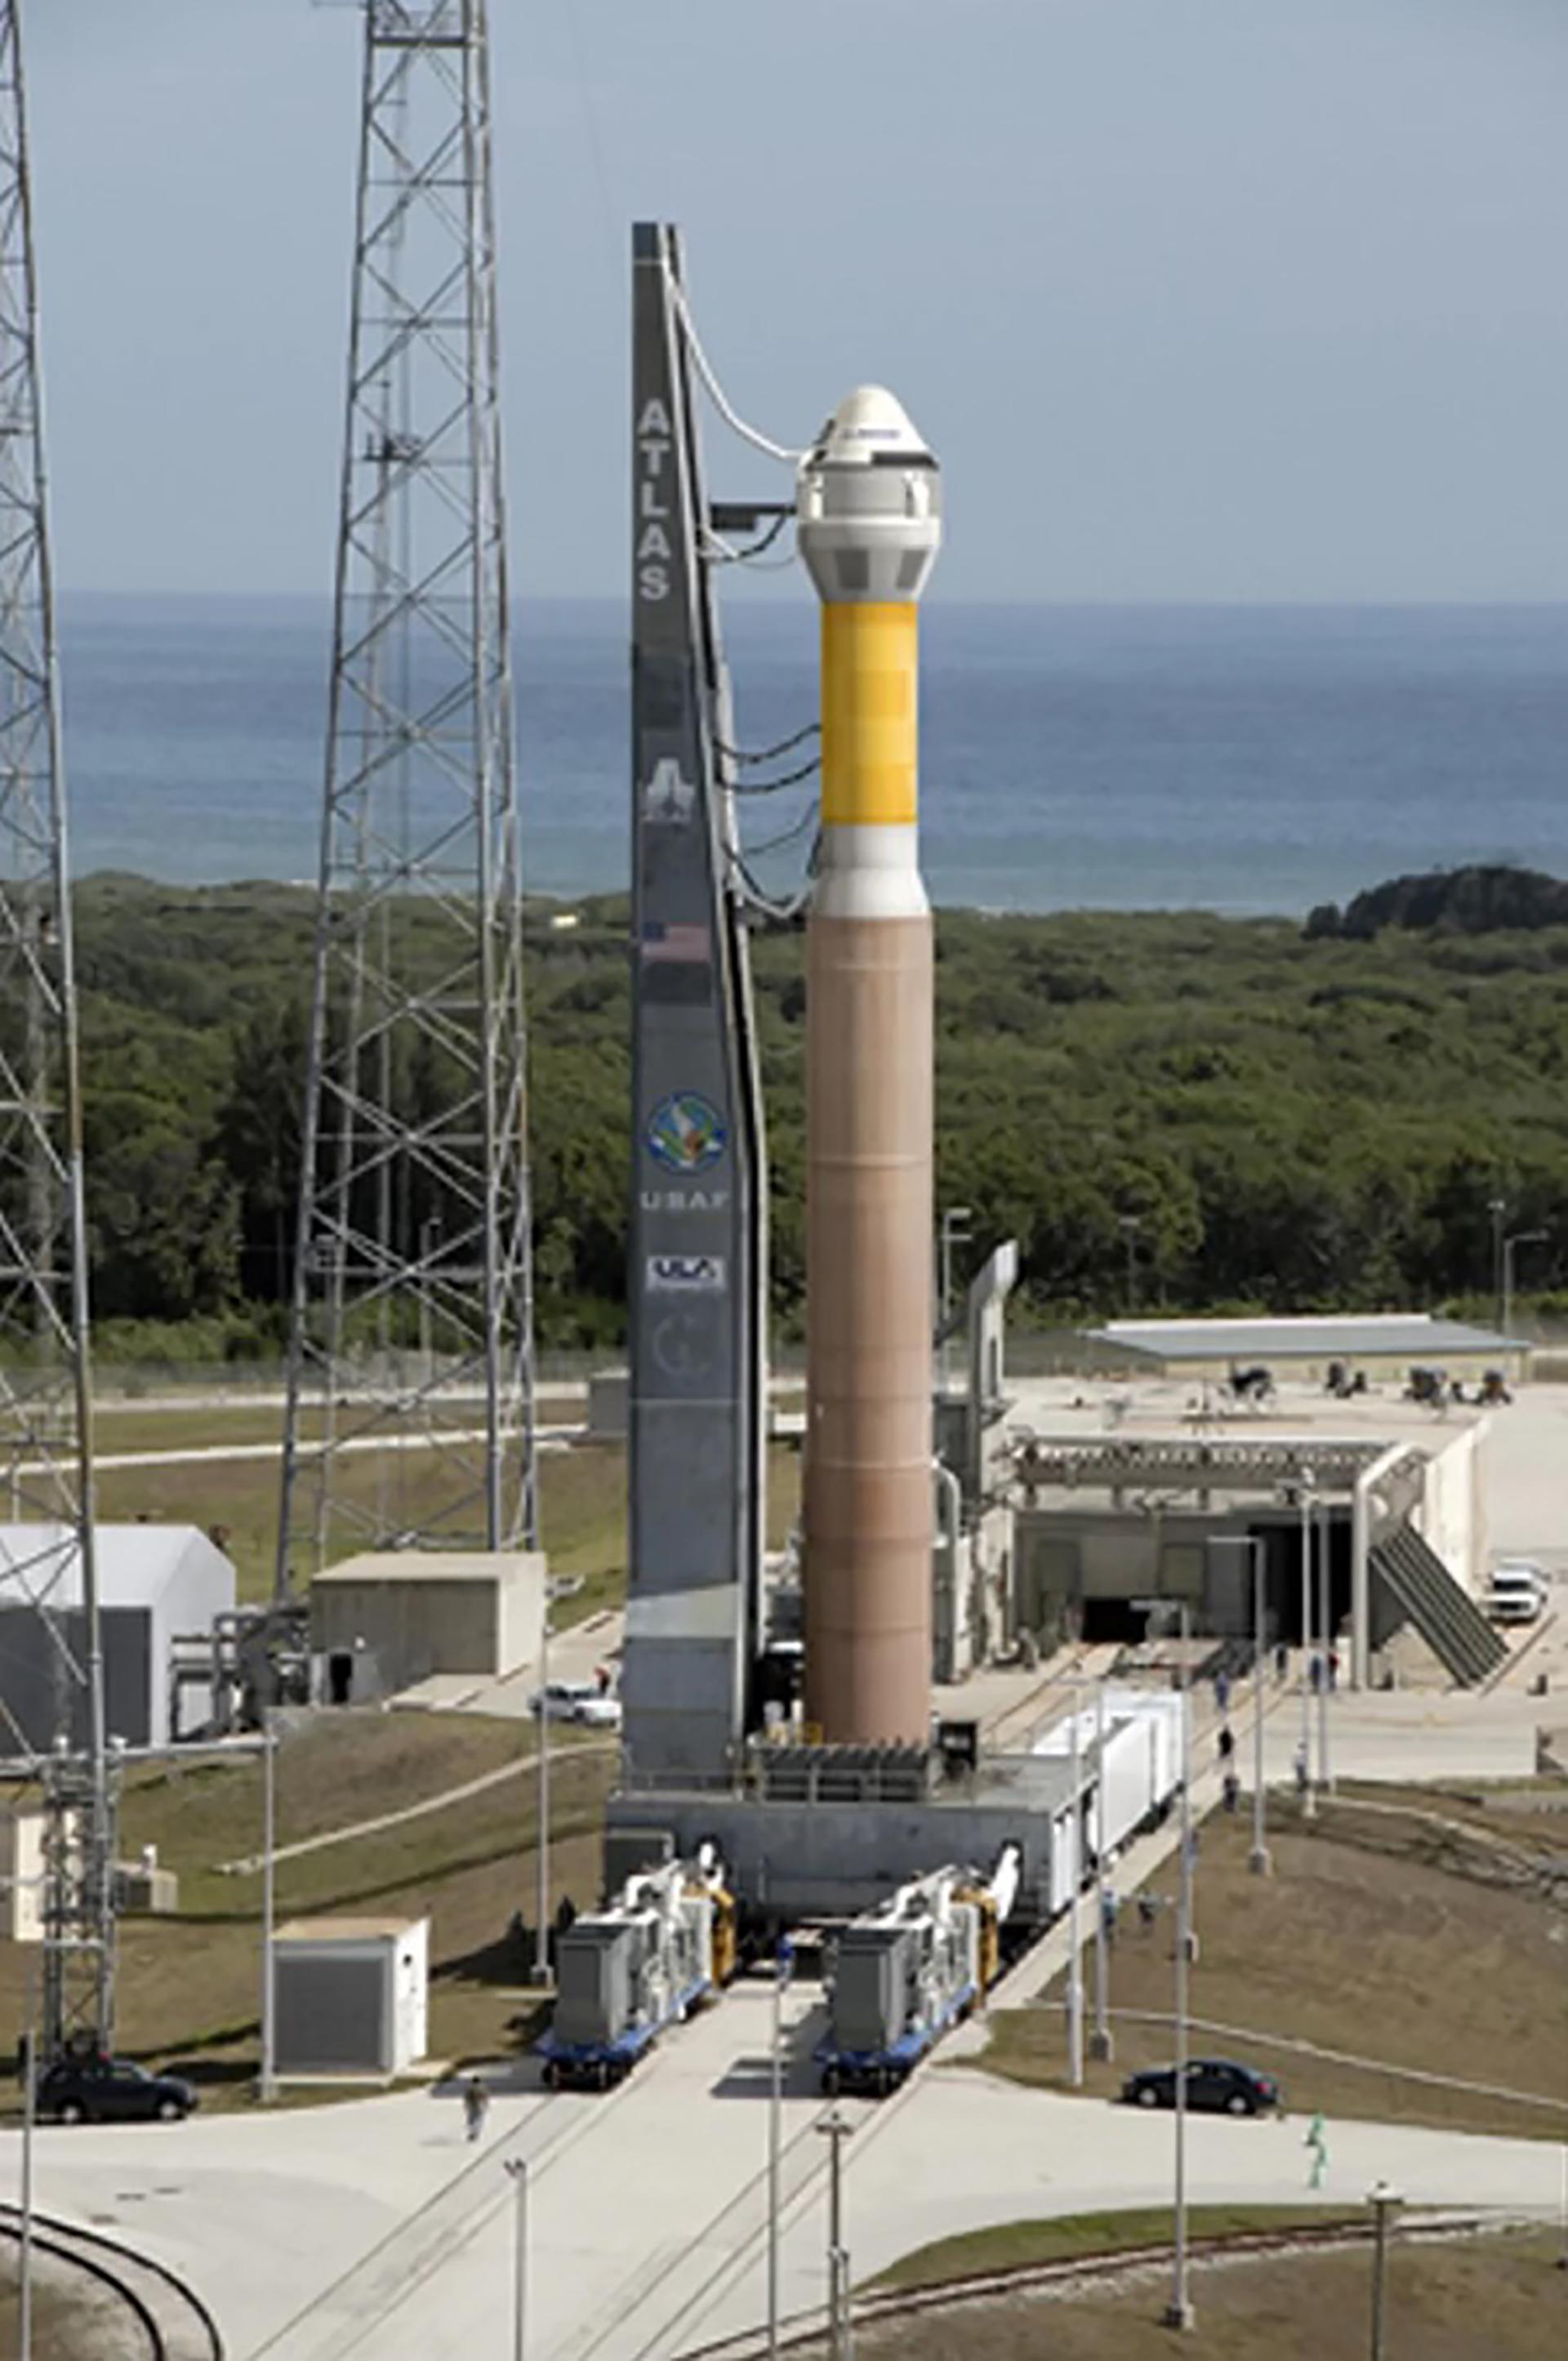 Una nave espacial Boeing CST-100 se muestra encima de un cohete United Launch Alliance Atlas 5 en la ilustración de este artista. El CST-100 es un vehículo basado en cápsulas diseñado para llevar a siete astronautas a la órbita baja de la Tierra en viajes a la Estación Espacial Internacional u otro destino orbital